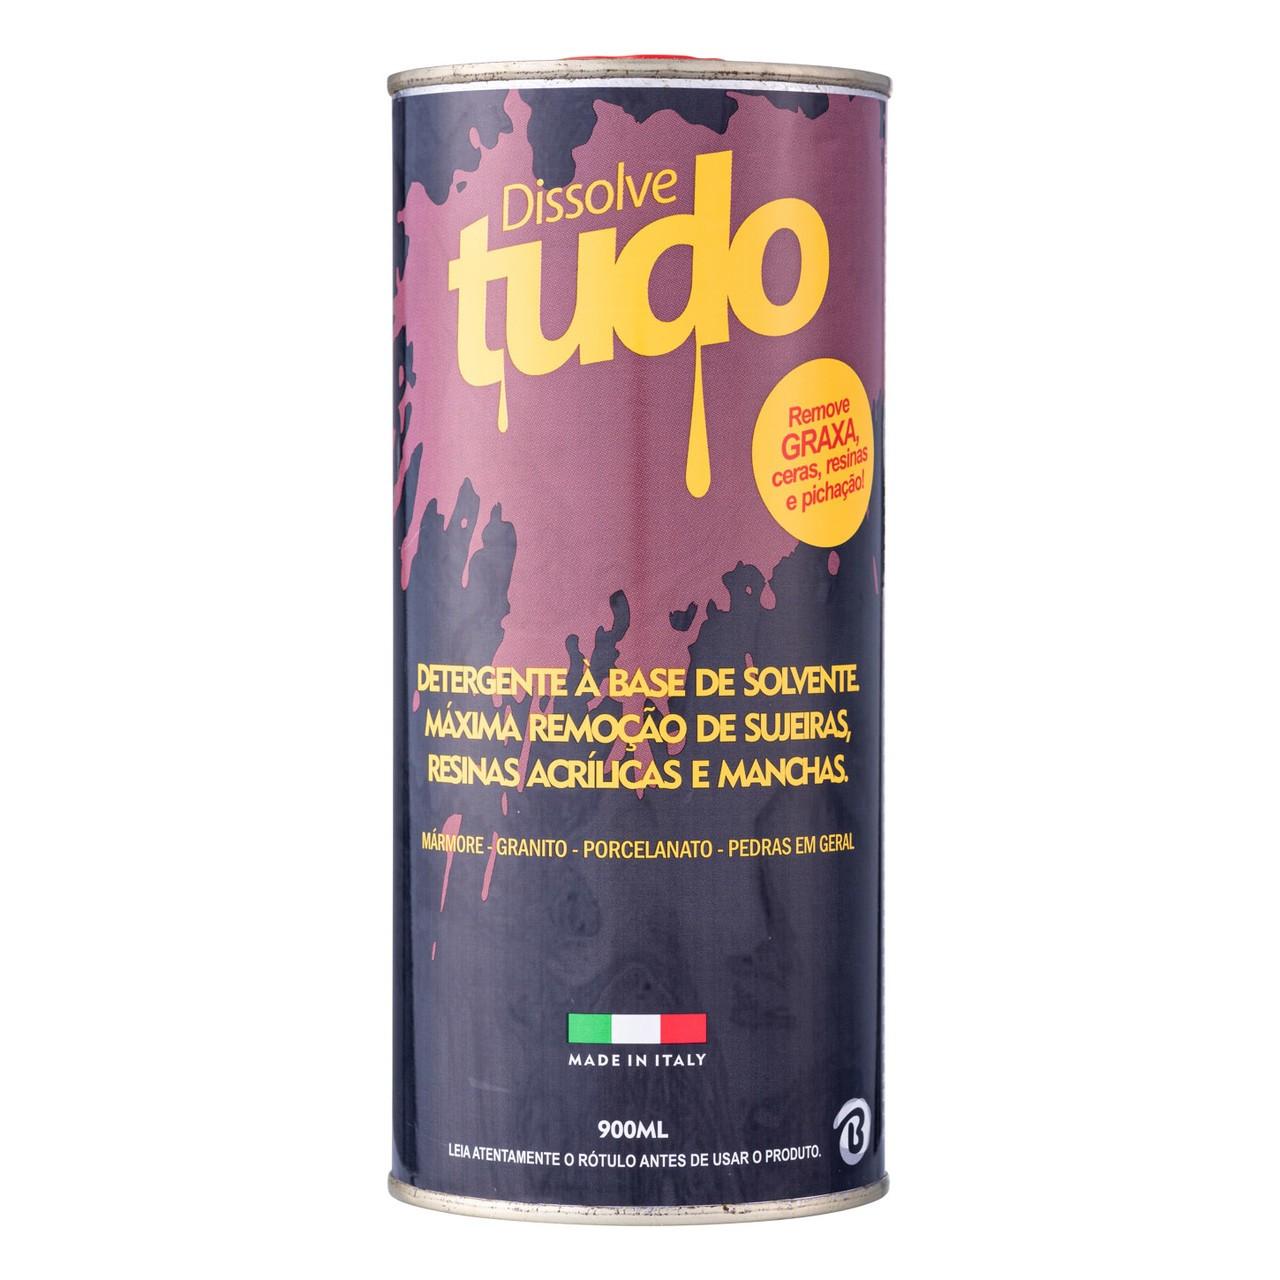 Dissolve Tudo Removedor de Pichação e Graxa Bellinzoni 900ml